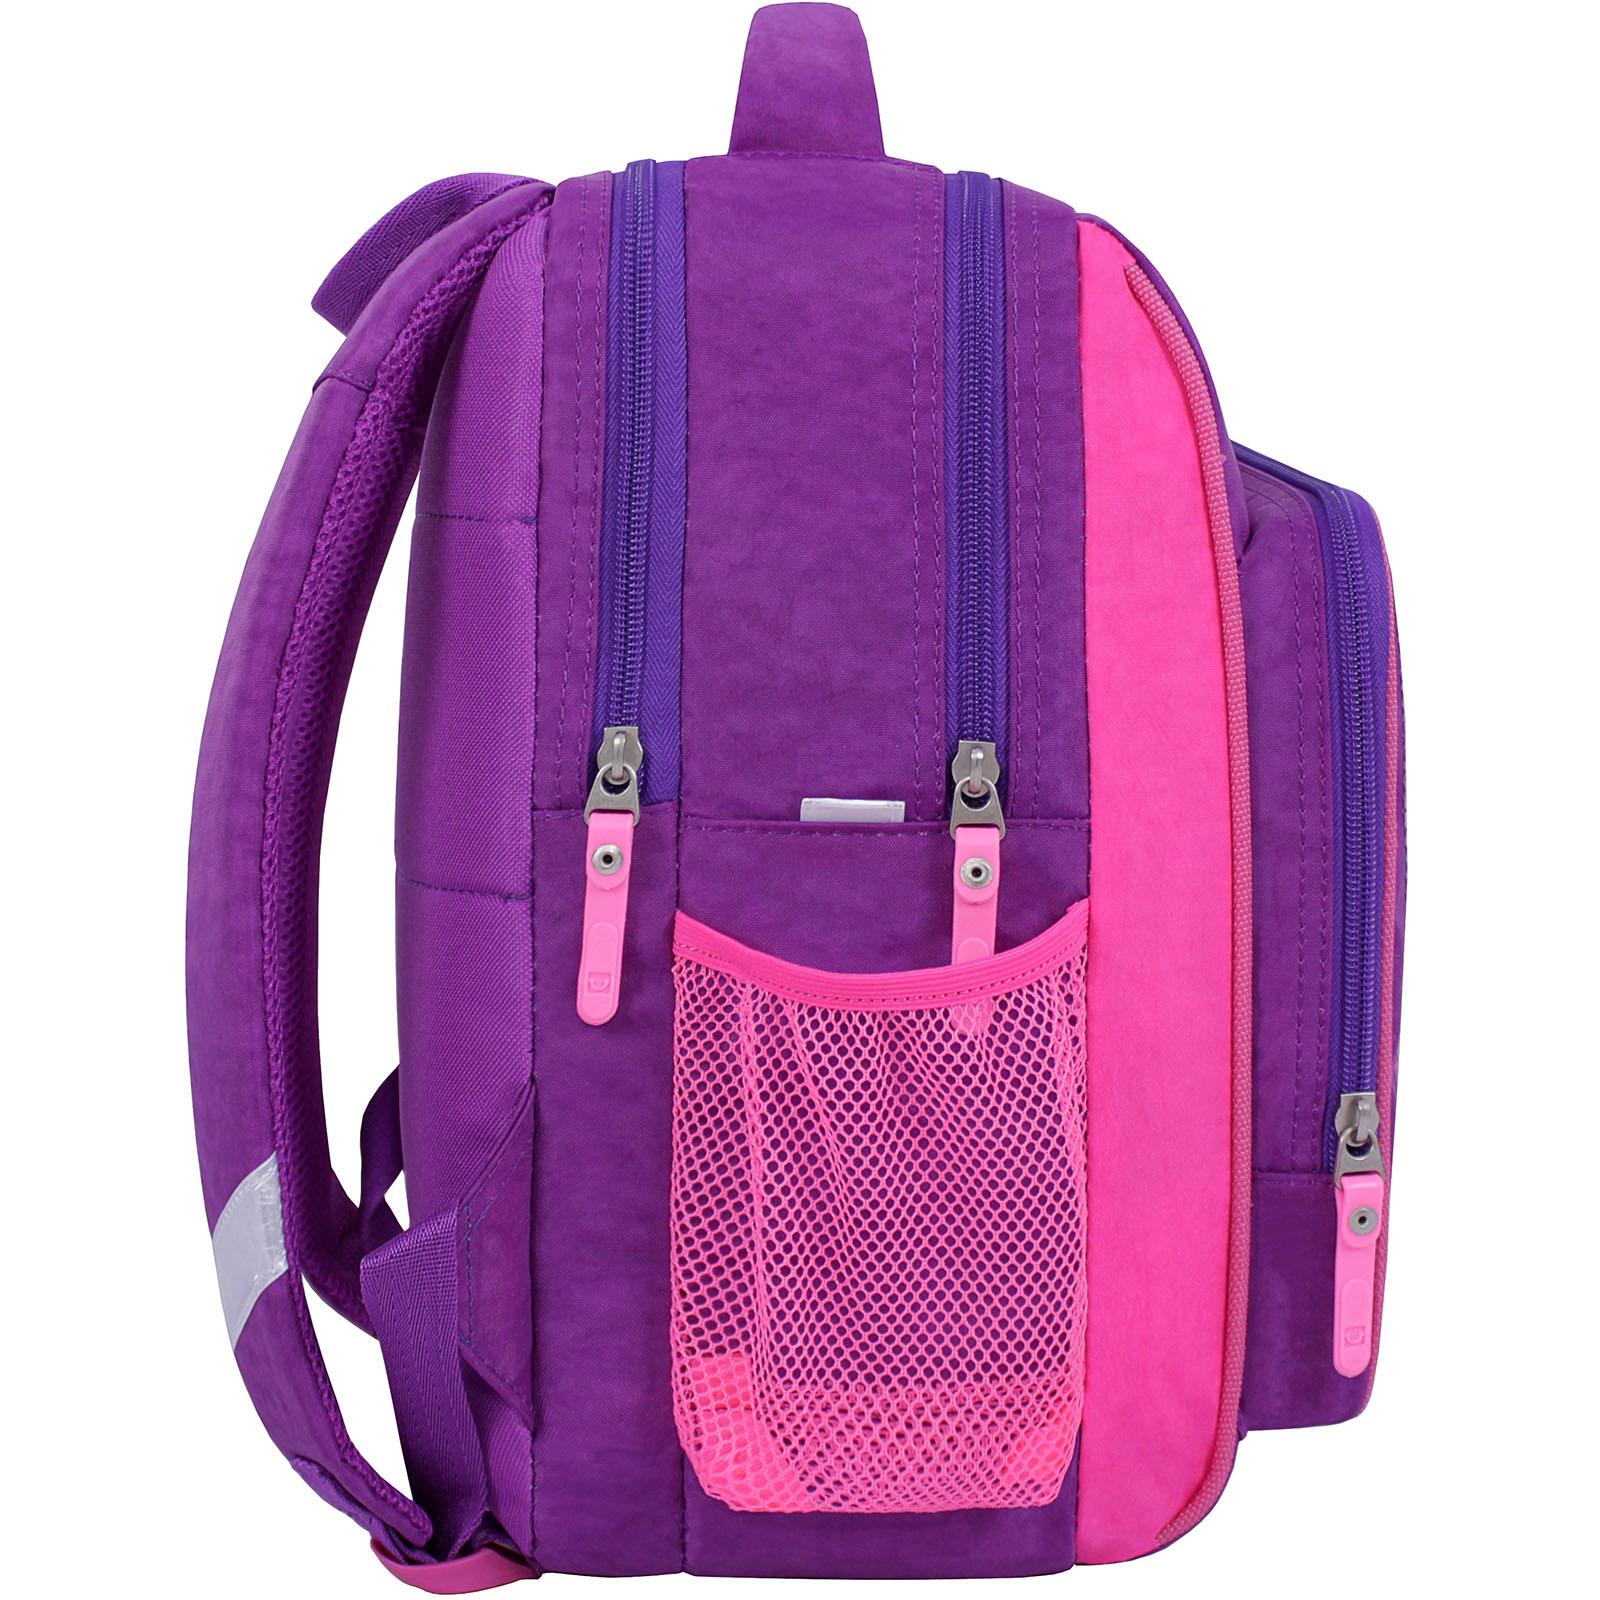 Рюкзак школьный Bagland Школьник 8 л. Фиолетовый 503 (00112702) фото 2